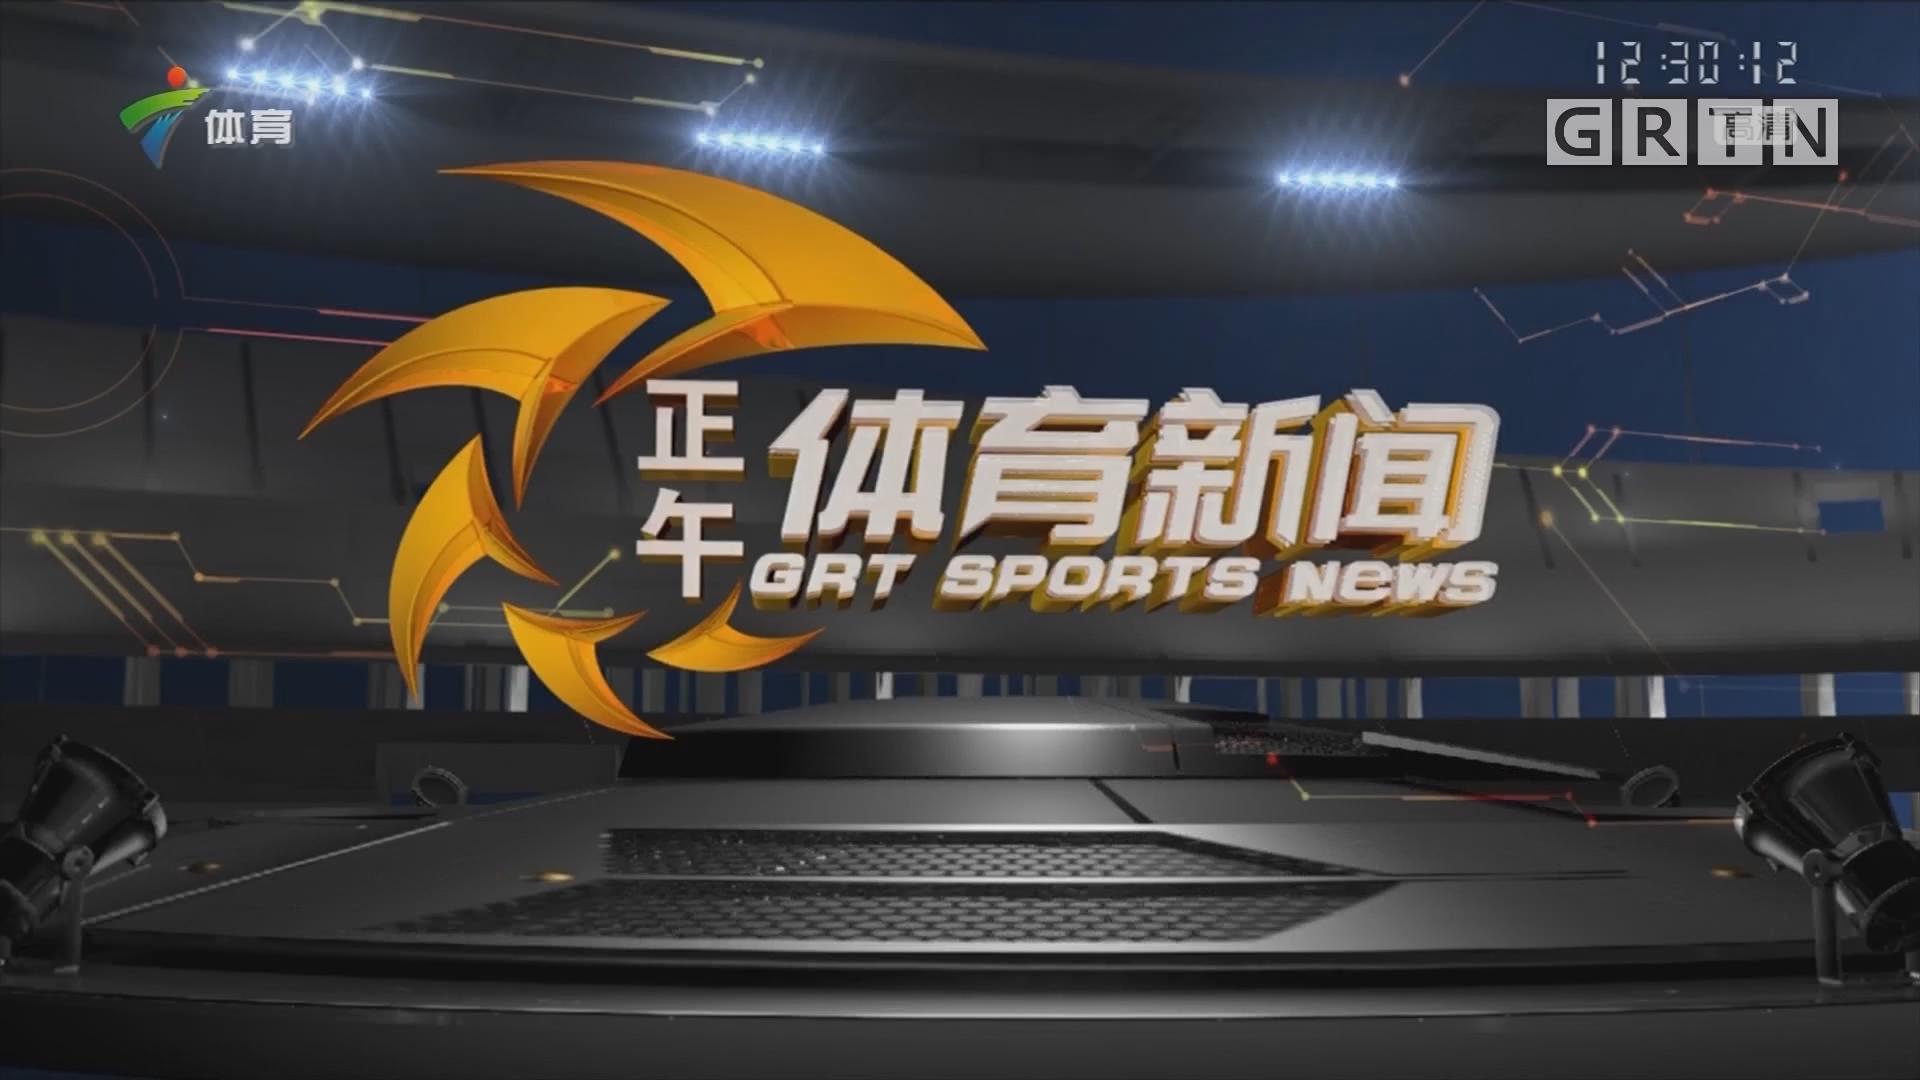 [HD][2018-11-28]正午体育新闻:客场胜红狼 皇马提前锁定小组第一